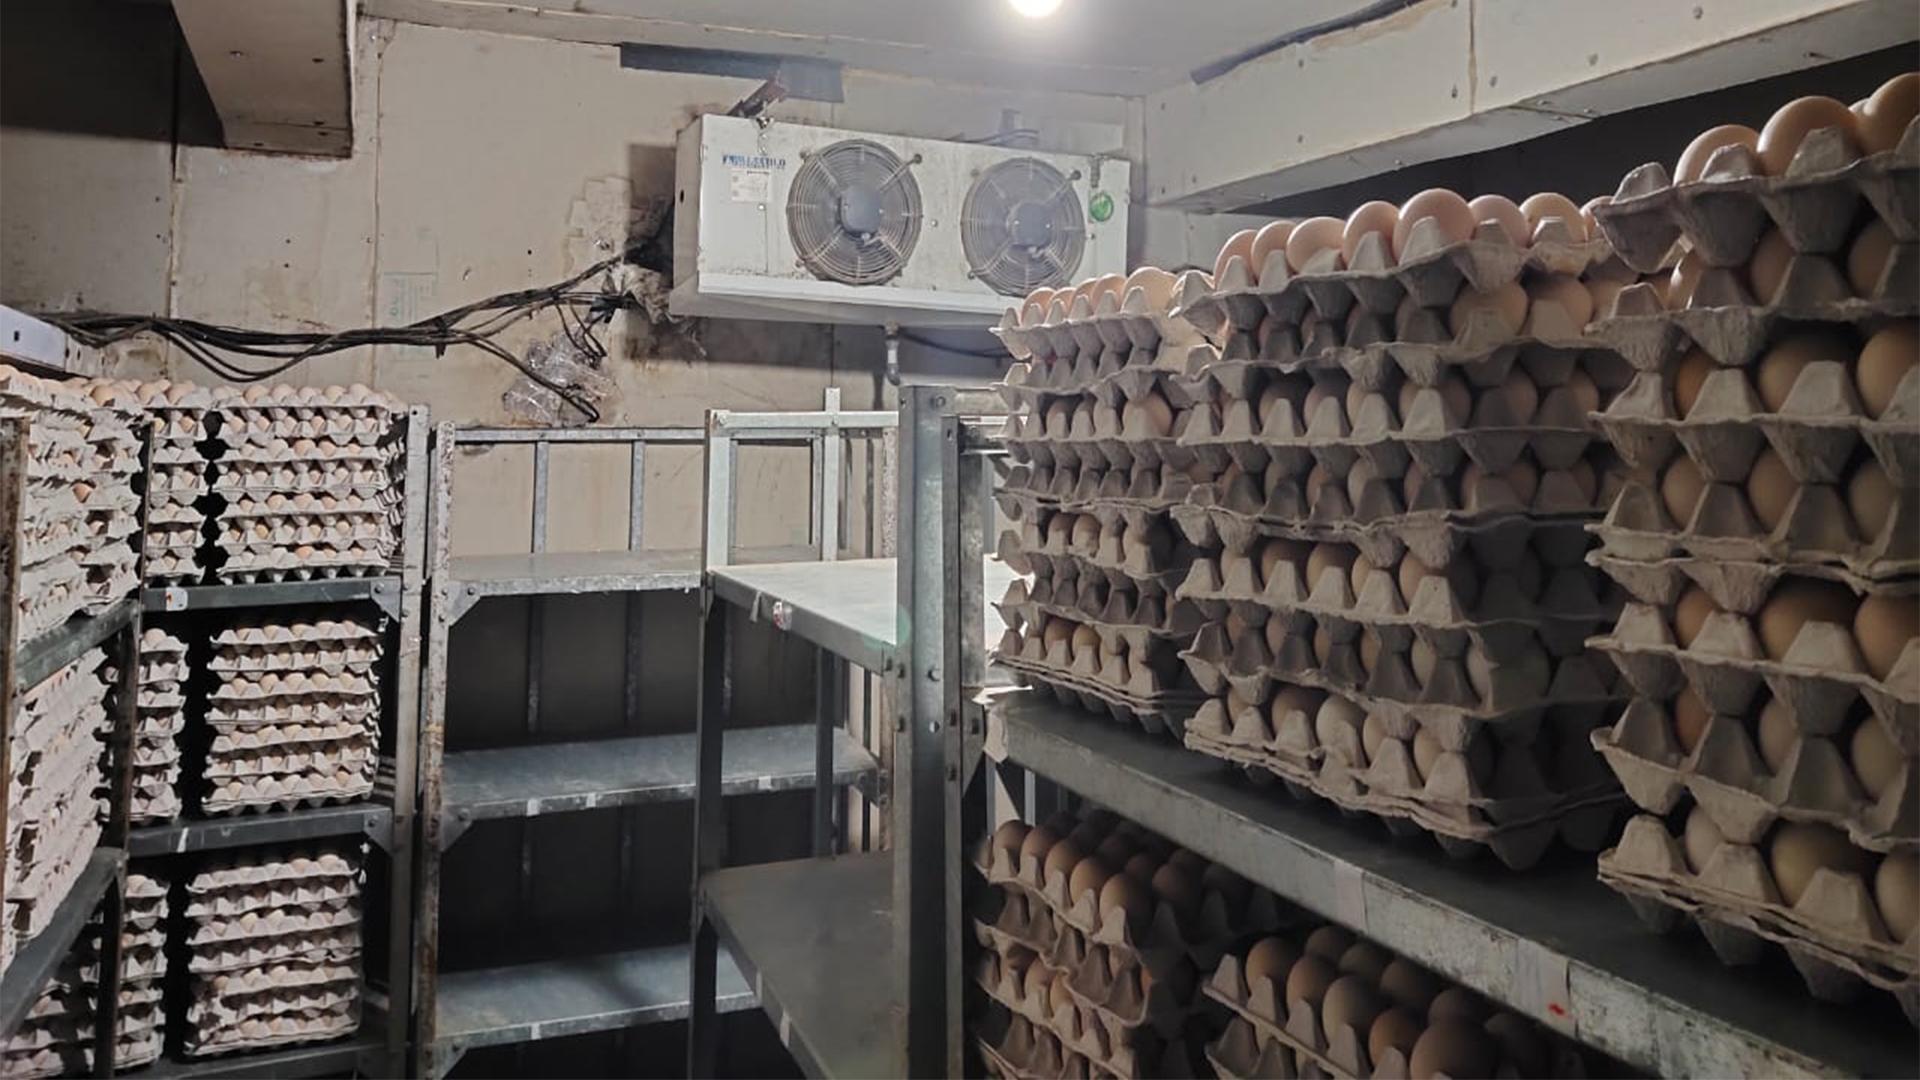 egg cold room